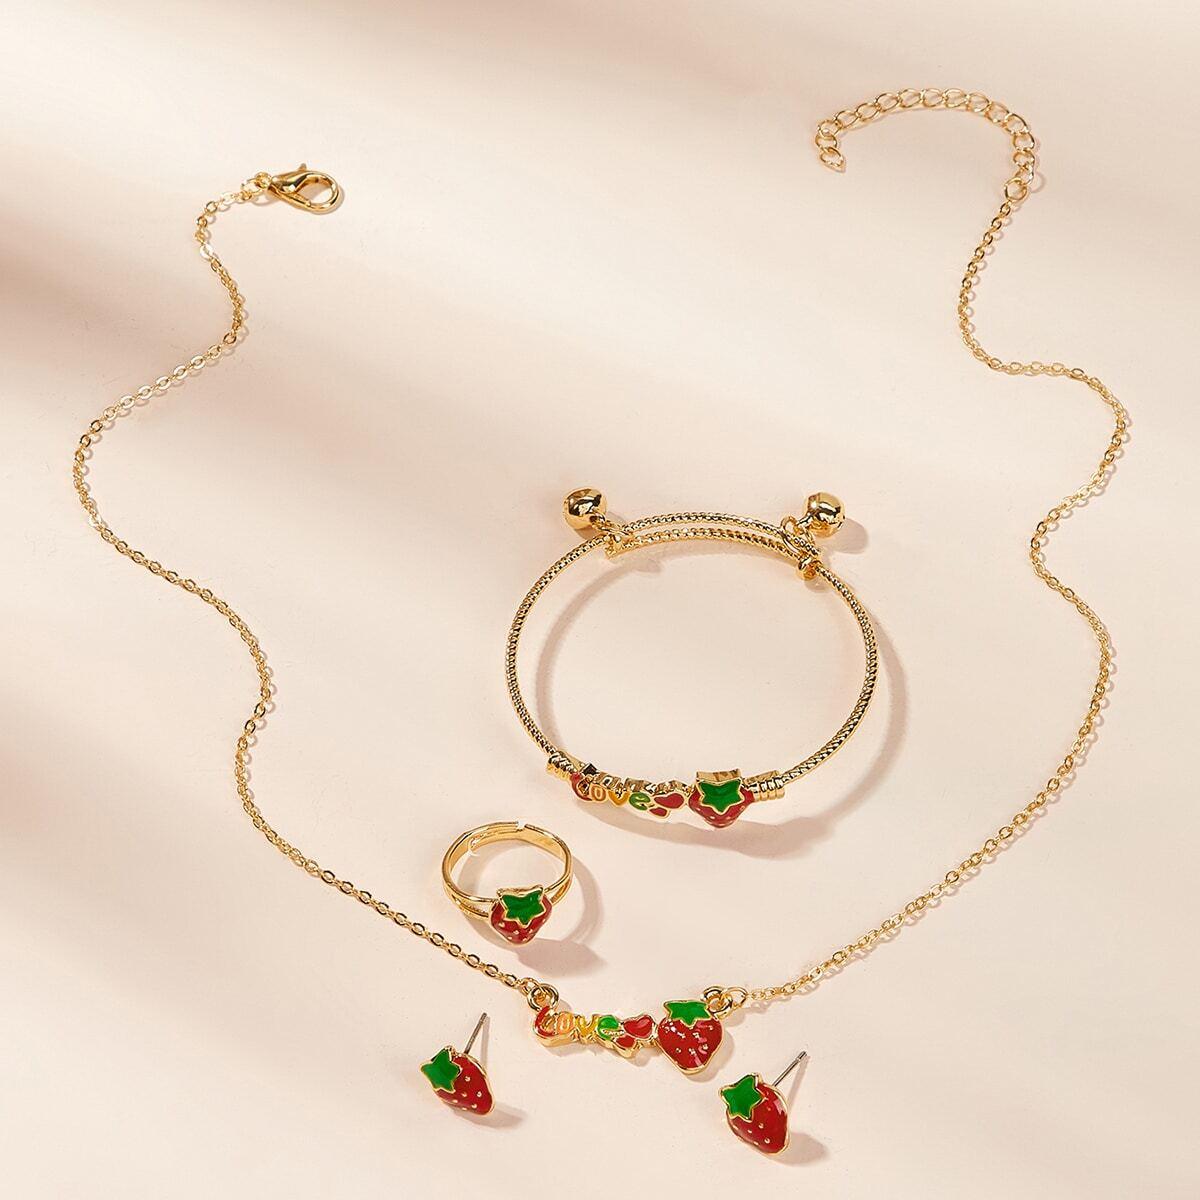 Kleinkind Mädchen Halskette mit Erdbeere Dekor & Ohrringe & Ring & Armband 5 Stücke